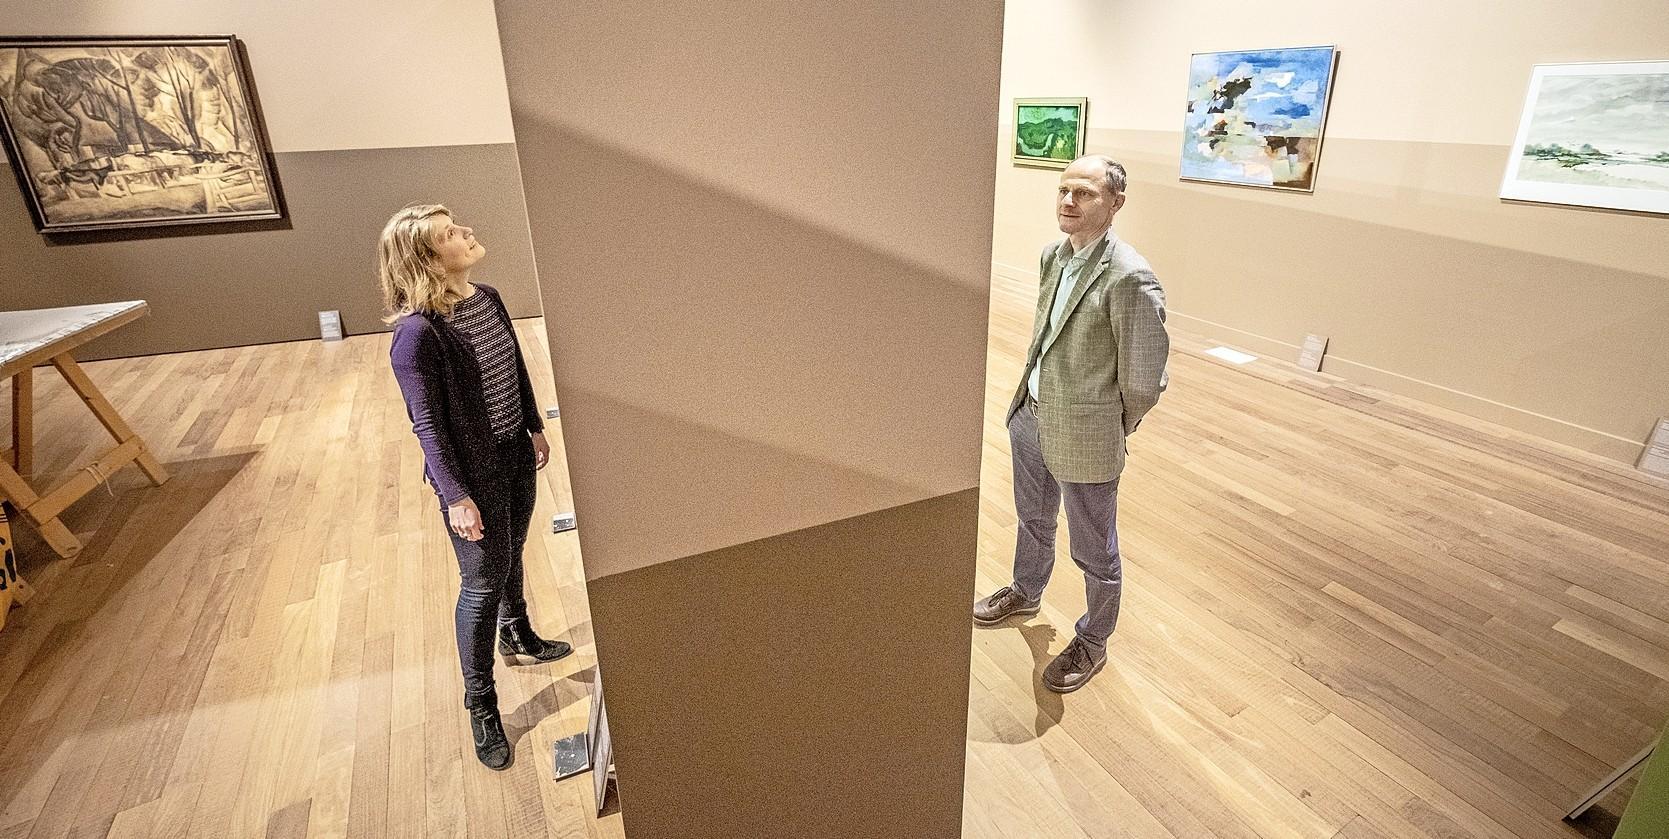 Wie Noord-Holland denkt, denkt plat, groen en recht. En een horizon die je altijd ziet, waar je ook kijkt. Dus ook op de expositie 'Weids!' in Stedelijk Museum Alkmaar